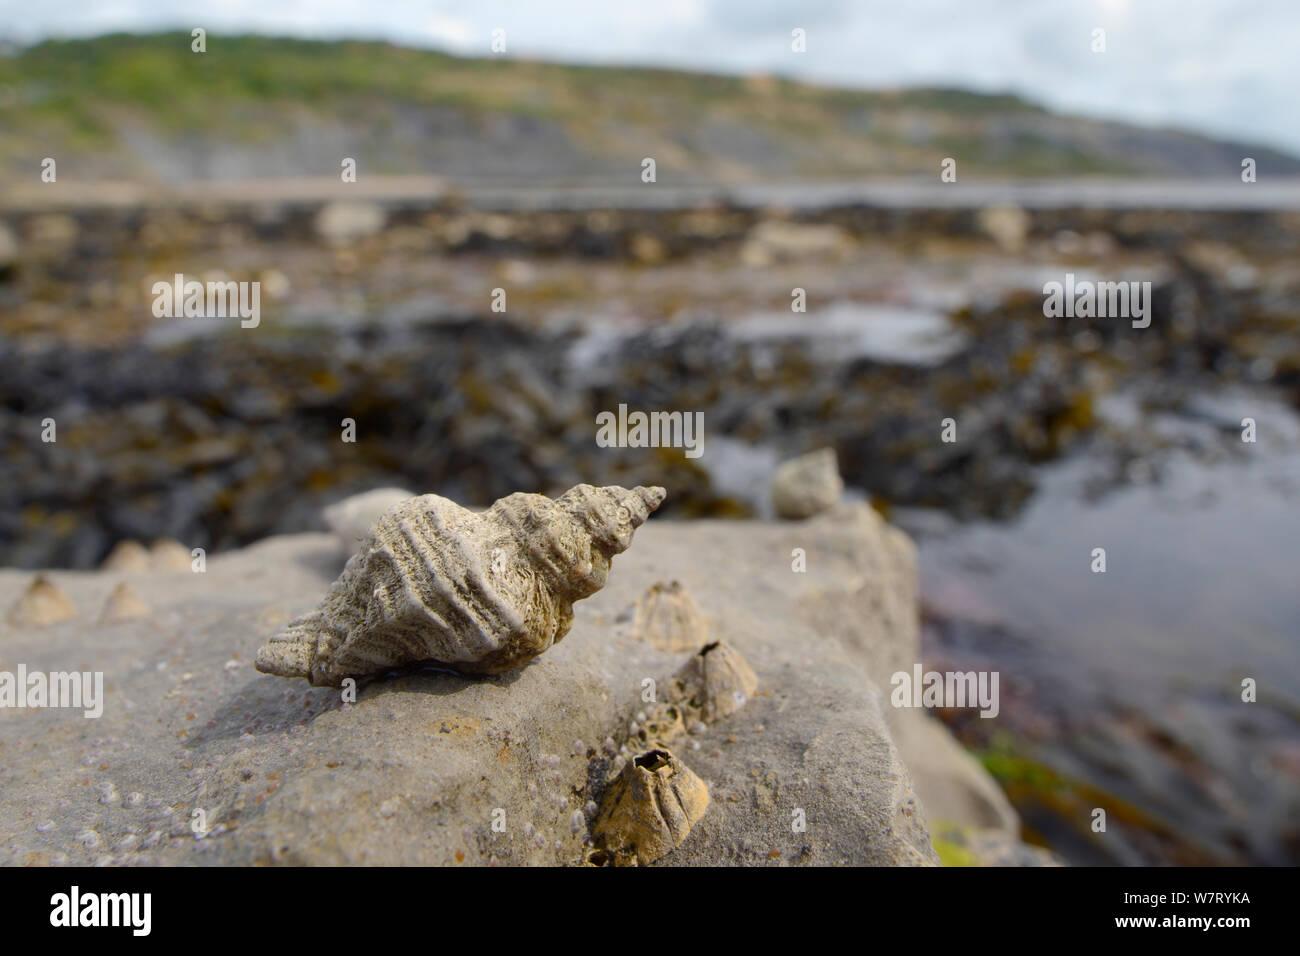 Ostra europea / taladro Sting winkle (Ocenebra erinacea) es una plaga de criaderos de ostras, sobre rocas bajo en la orilla junto a Acorn percebes (Balanus perforatus) expuesta en la marea baja, con algas, piscinas de rocas y el mar al fondo, Lyme Regis, Dorset, Reino Unido, Mayo. Foto de stock